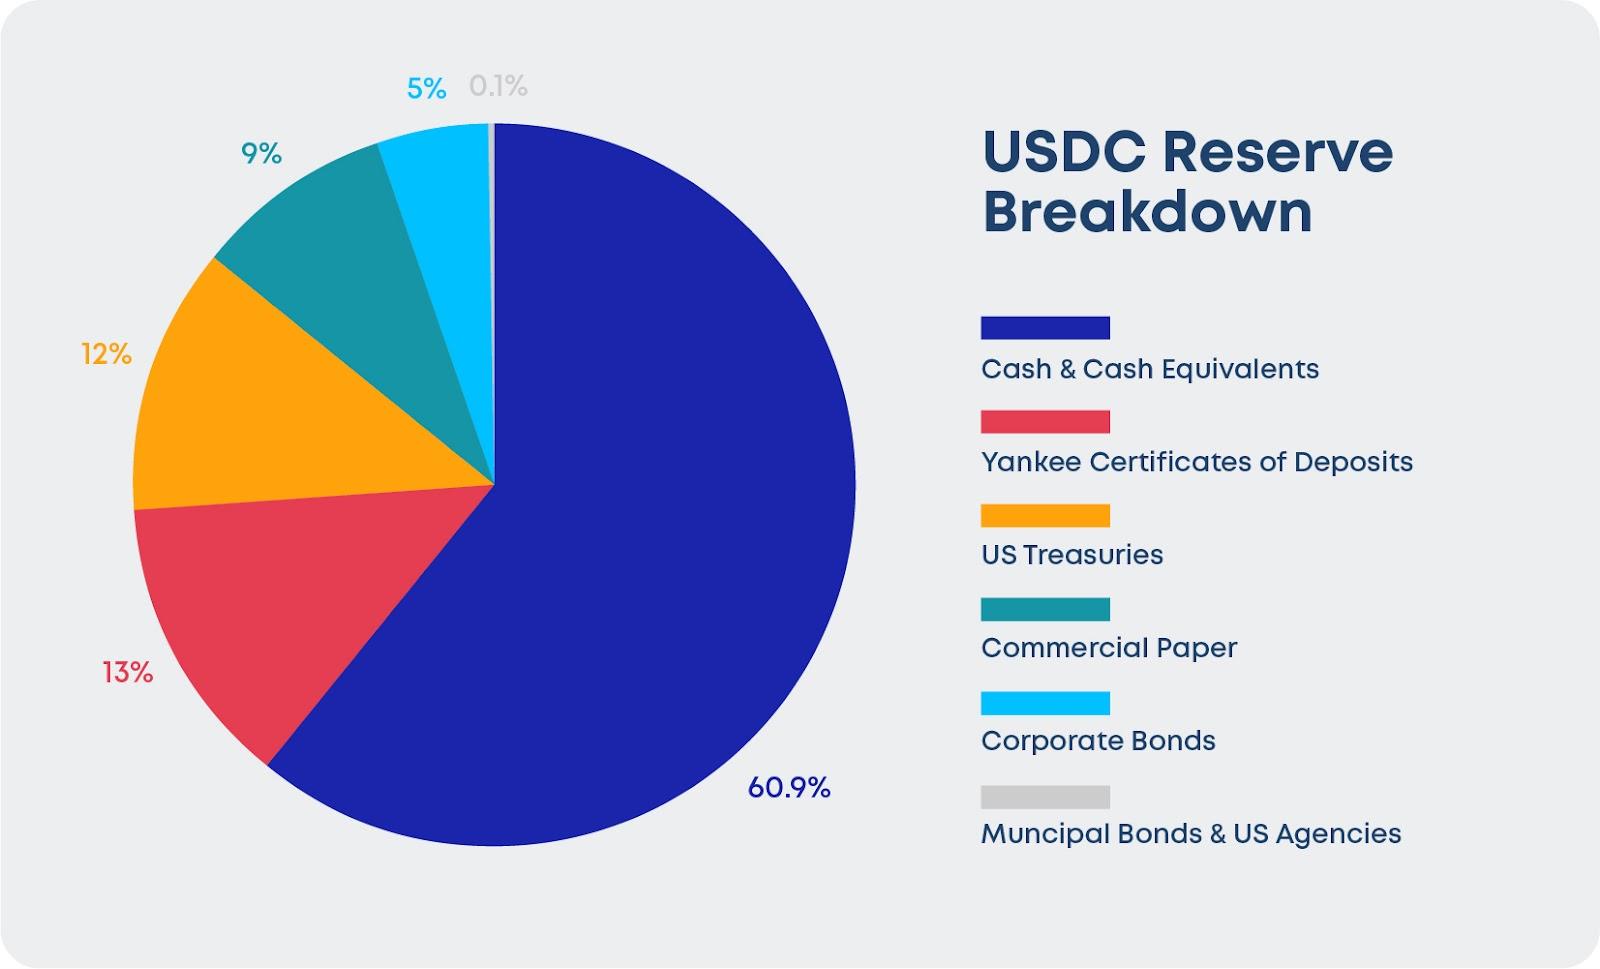 Breakdown of USDC Reserves in May